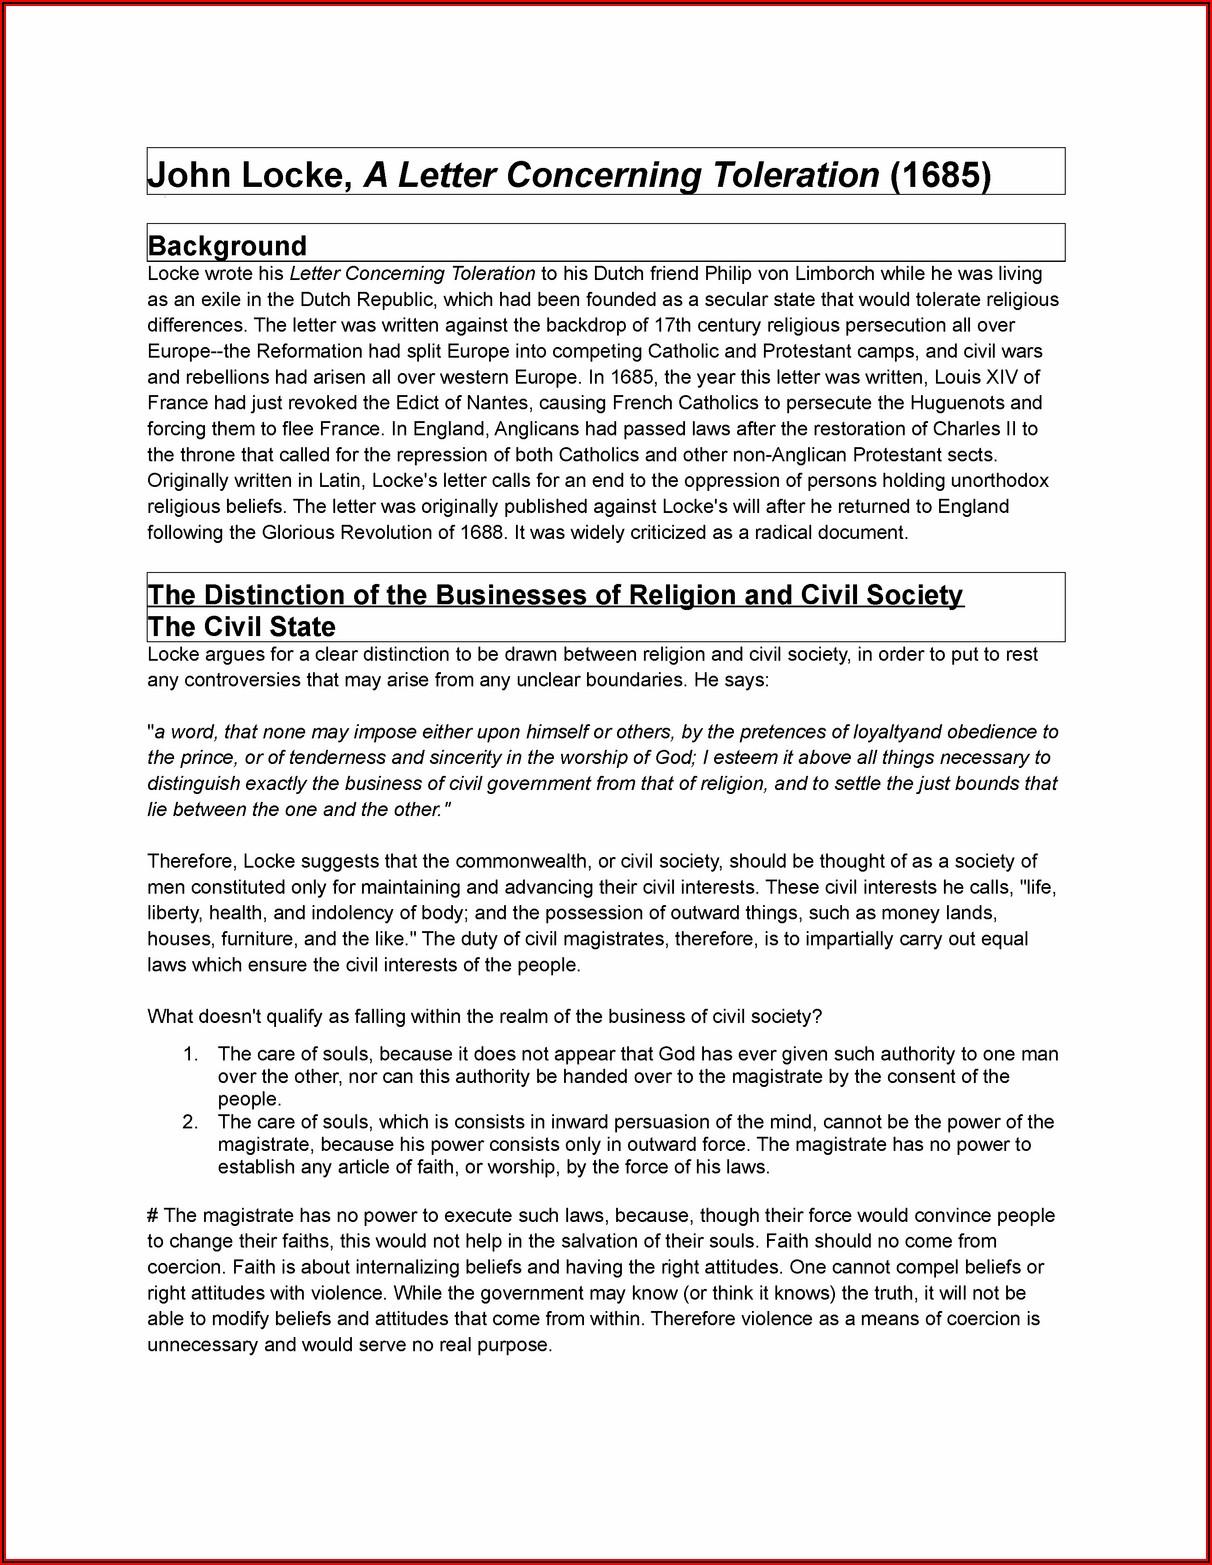 A Letter Concerning Toleration John Locke Summary